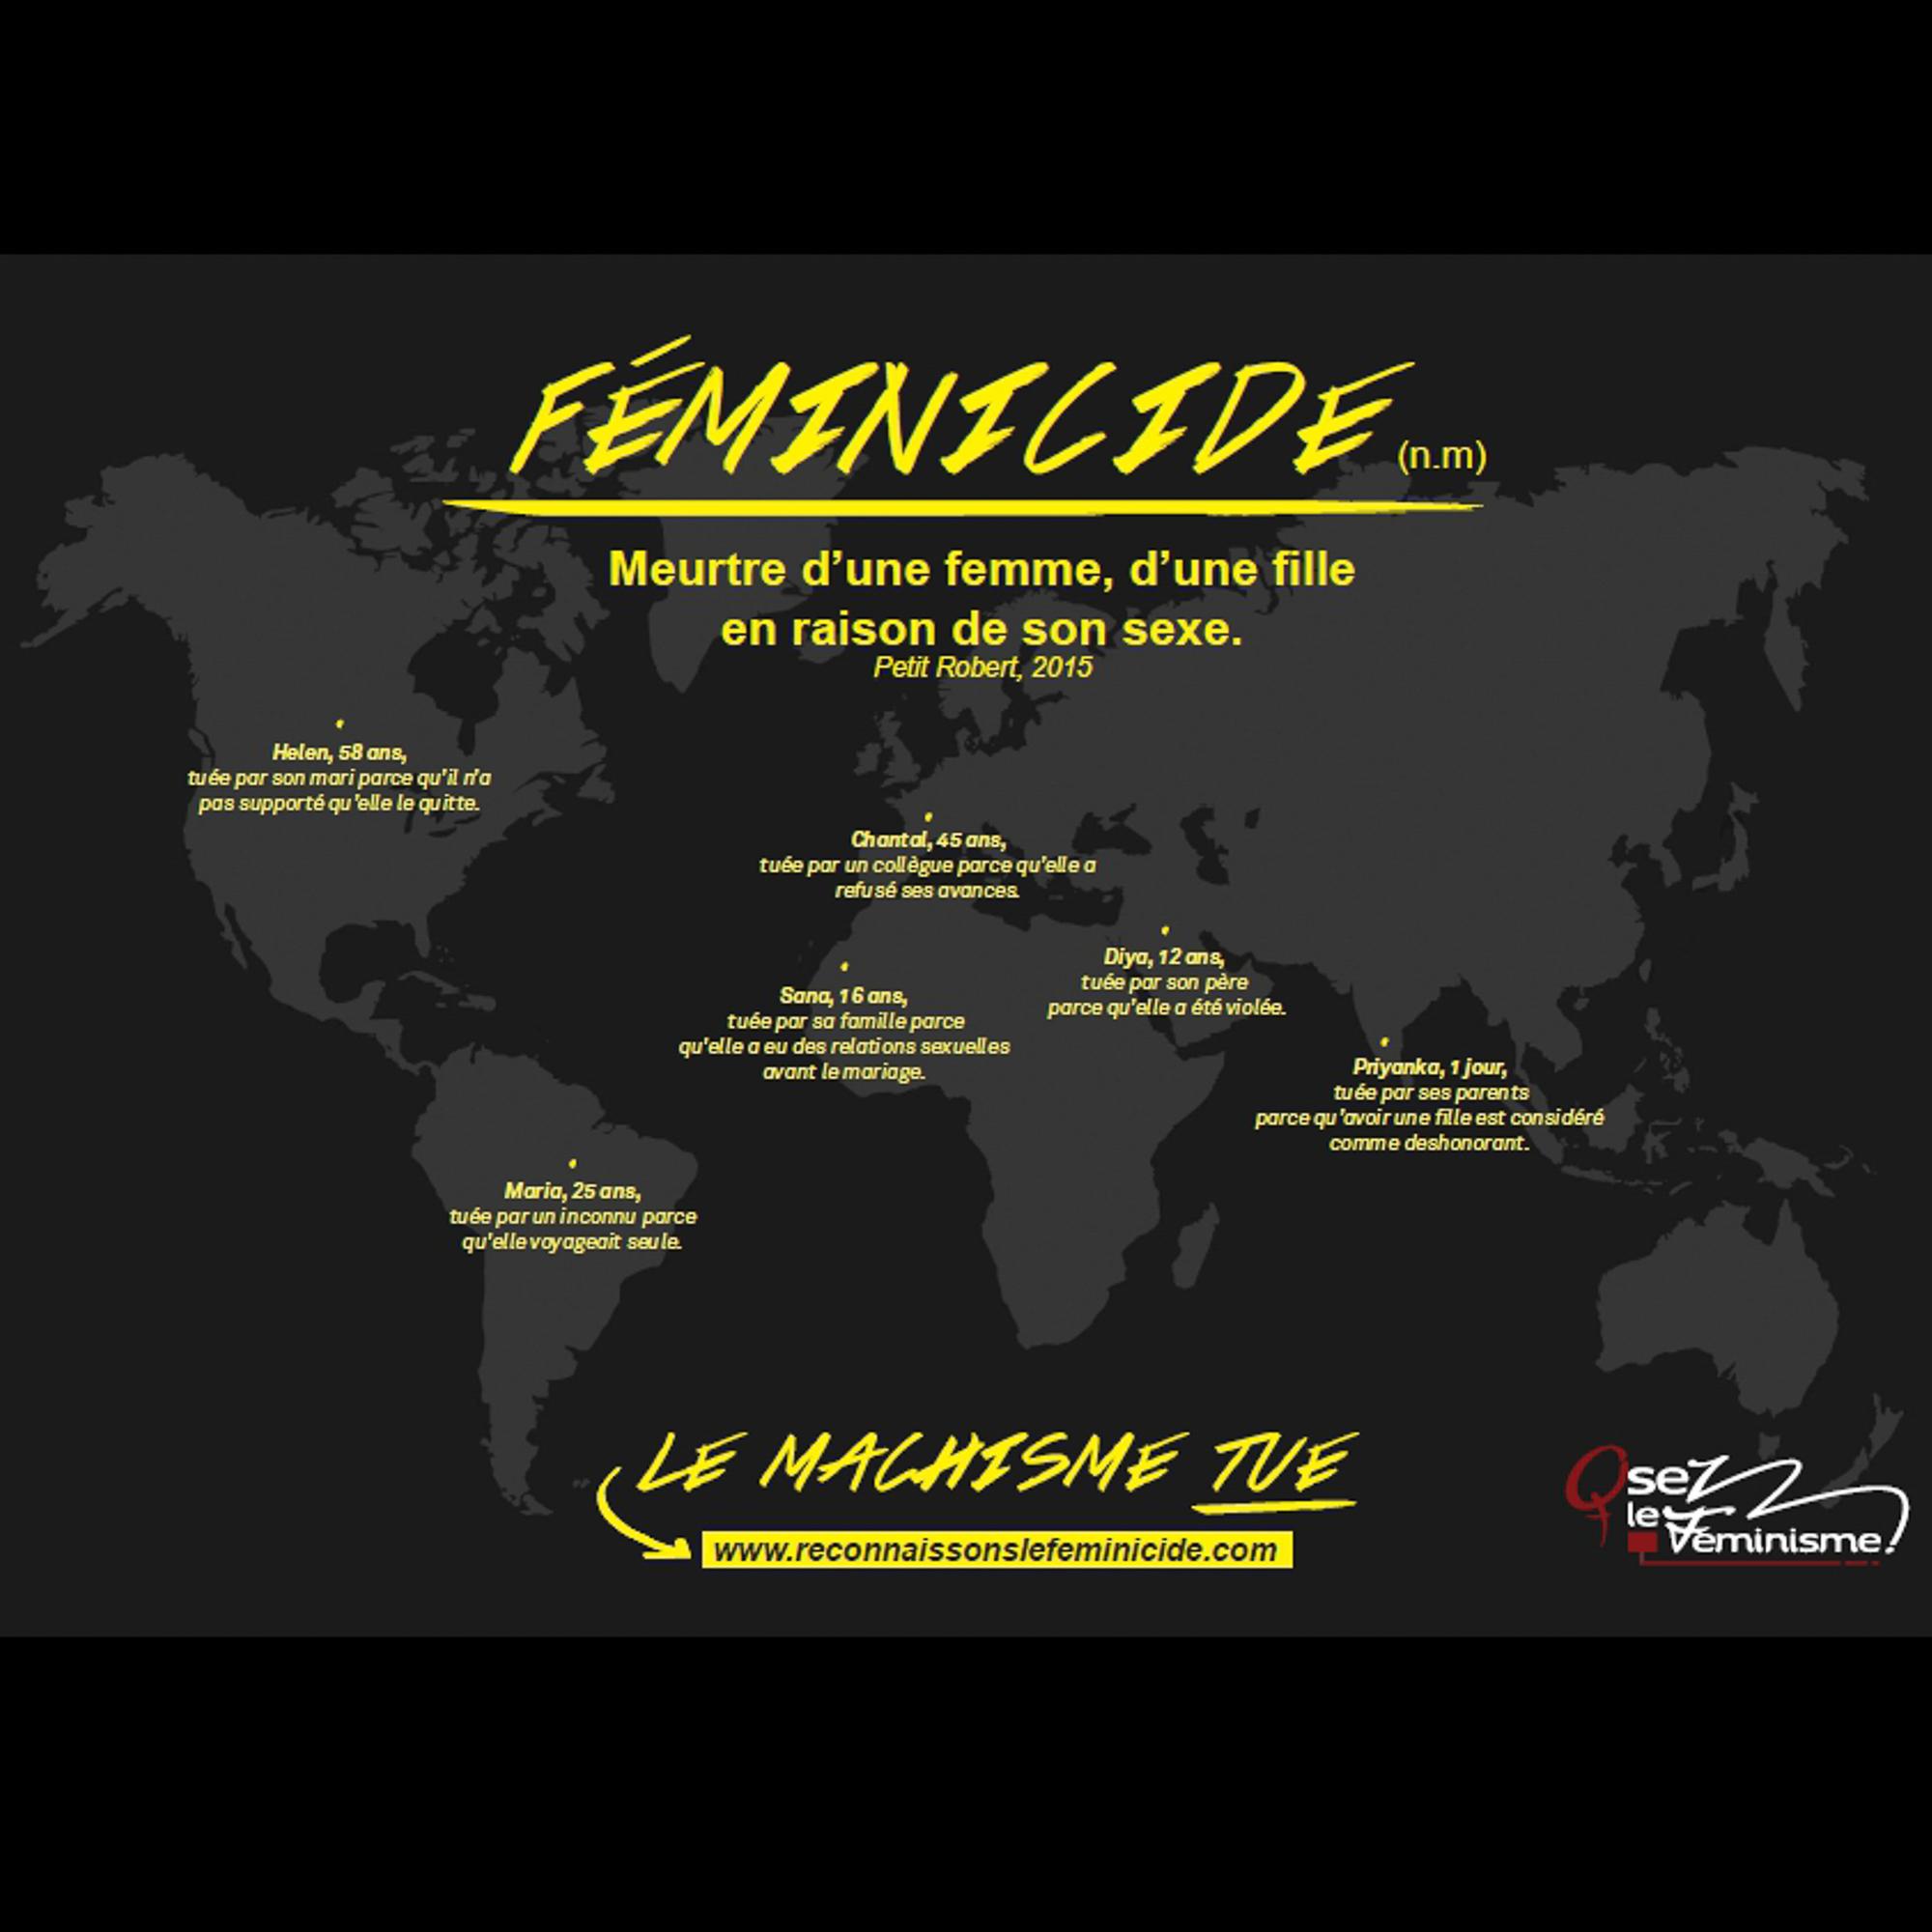 olf_feminicides-2